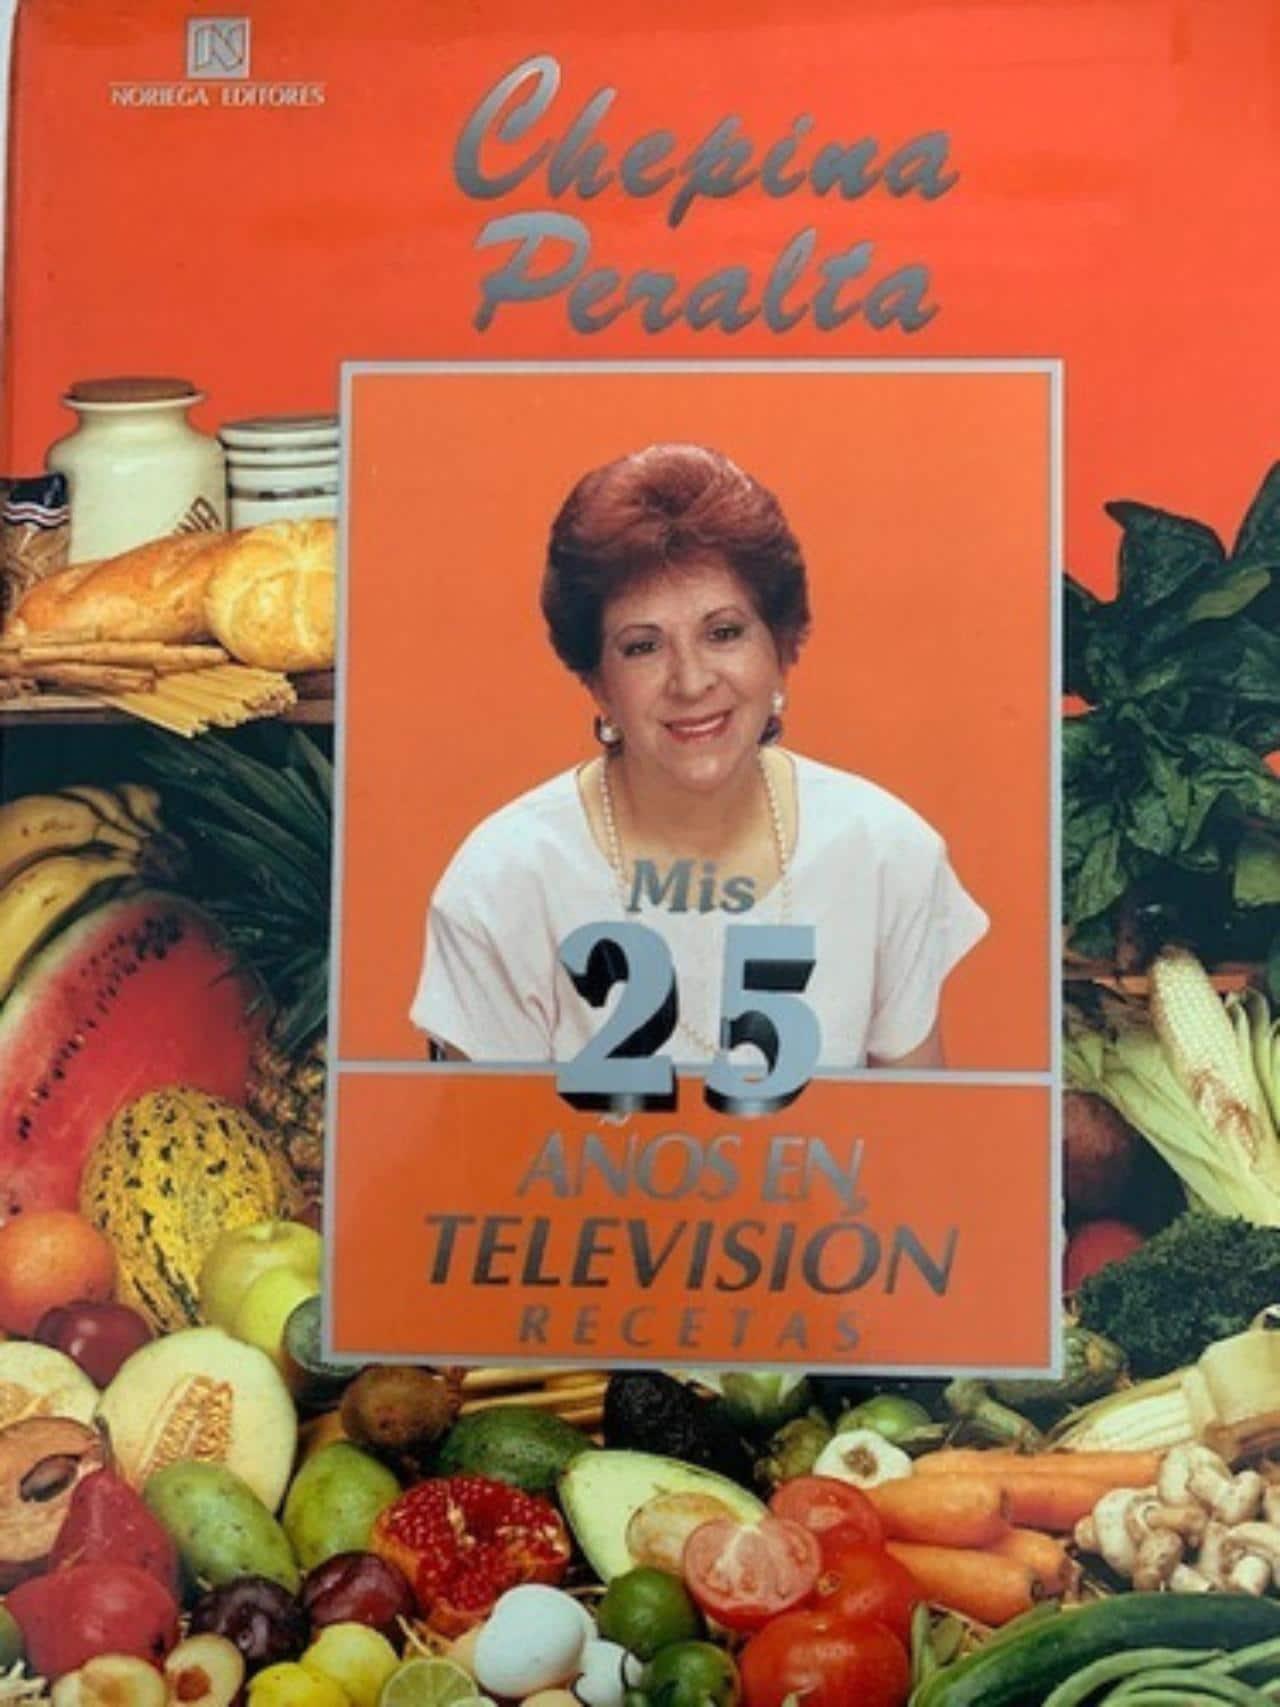 Chepina Peralta, 25 años en televisión